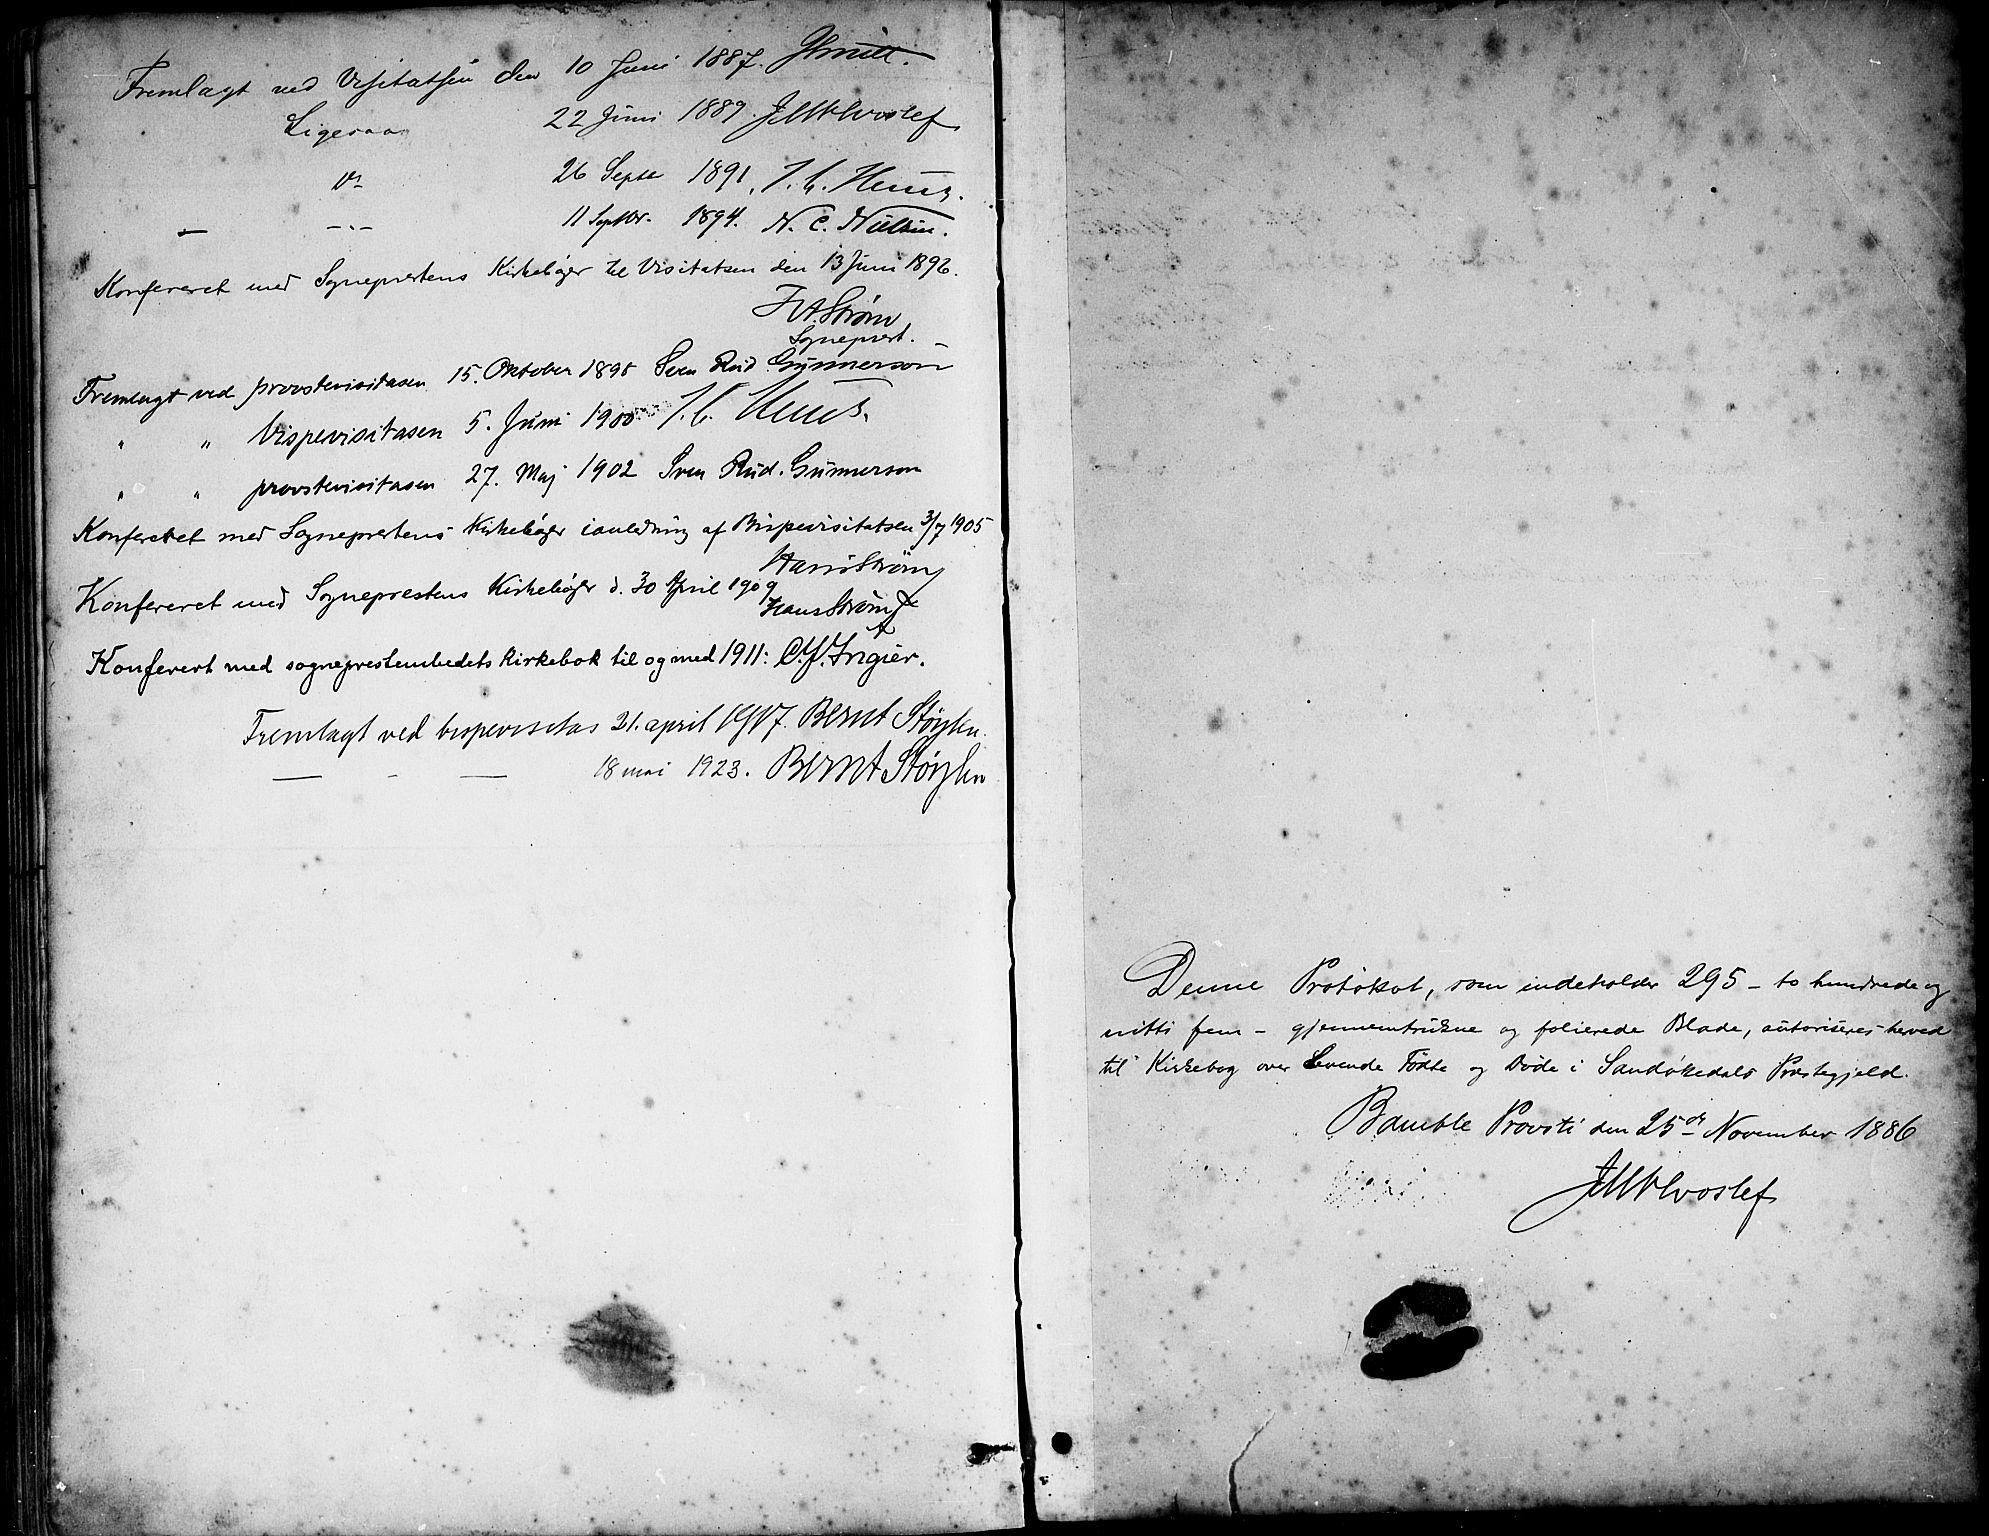 SAKO, Sannidal kirkebøker, G/Ga/L0003: Klokkerbok nr. 3, 1887-1922, s. 296